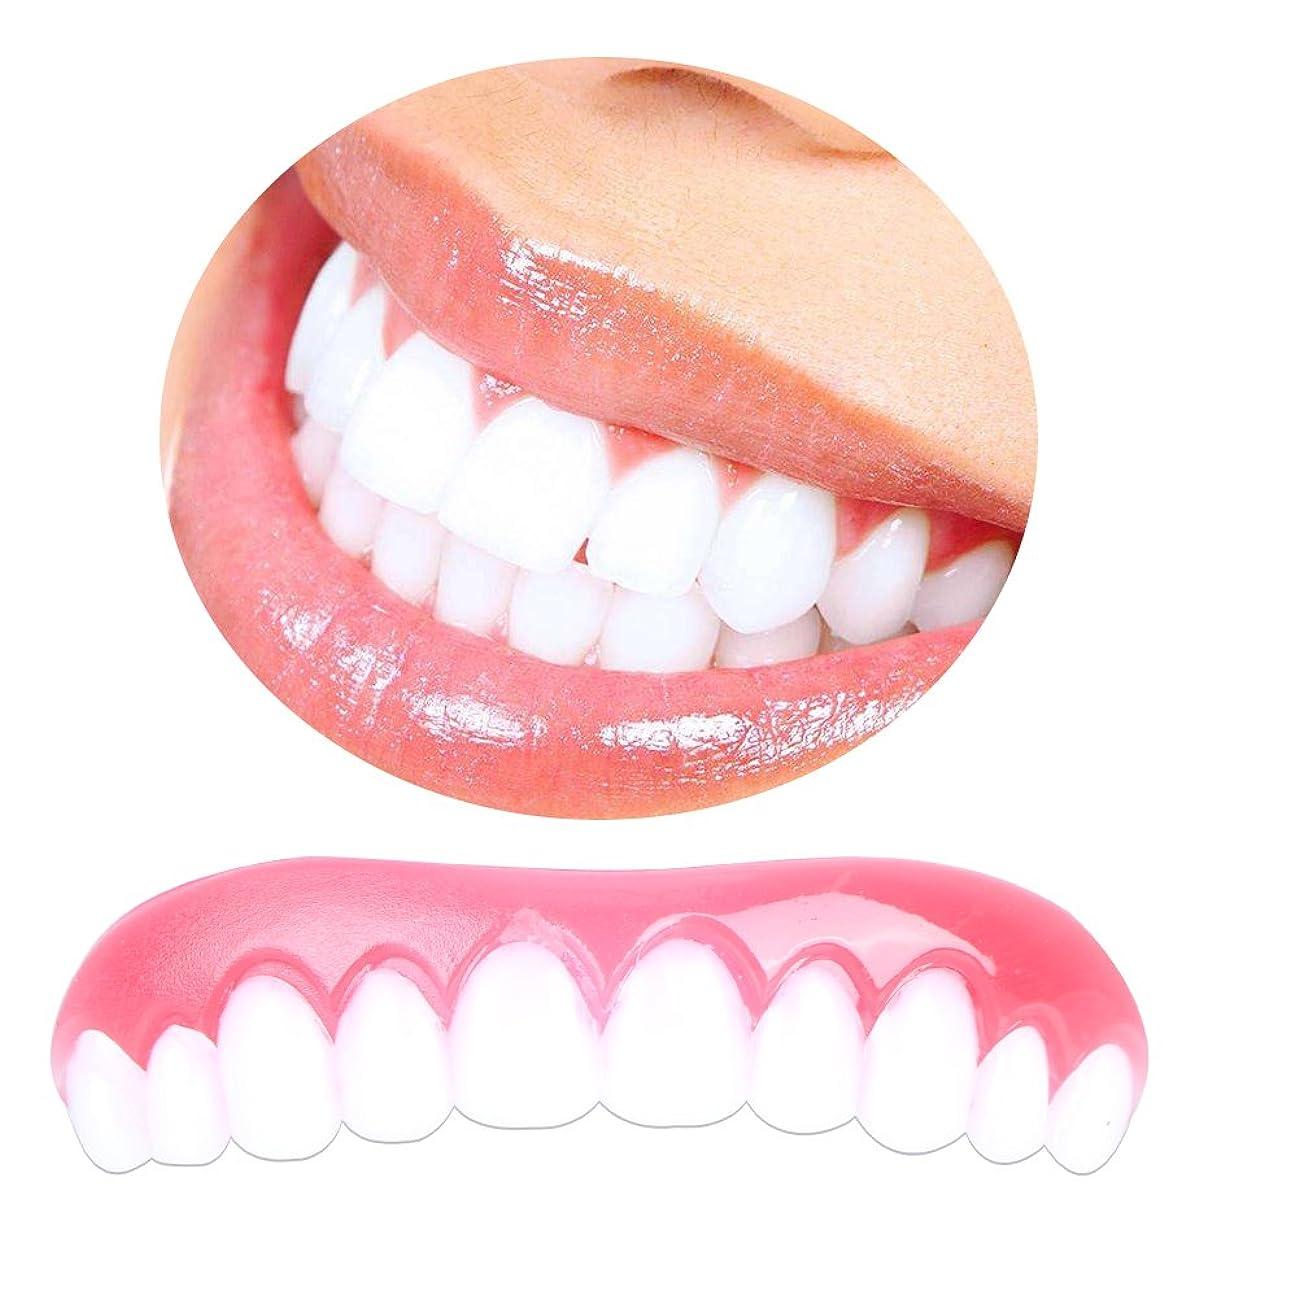 周術期頑丈有害な2ピースコンフォートフィットフレックス化粧品の歯完璧な笑顔のベニヤダブの歯の修正のための歯の修正のための完璧な笑顔のベニヤの歯のホワイトニング